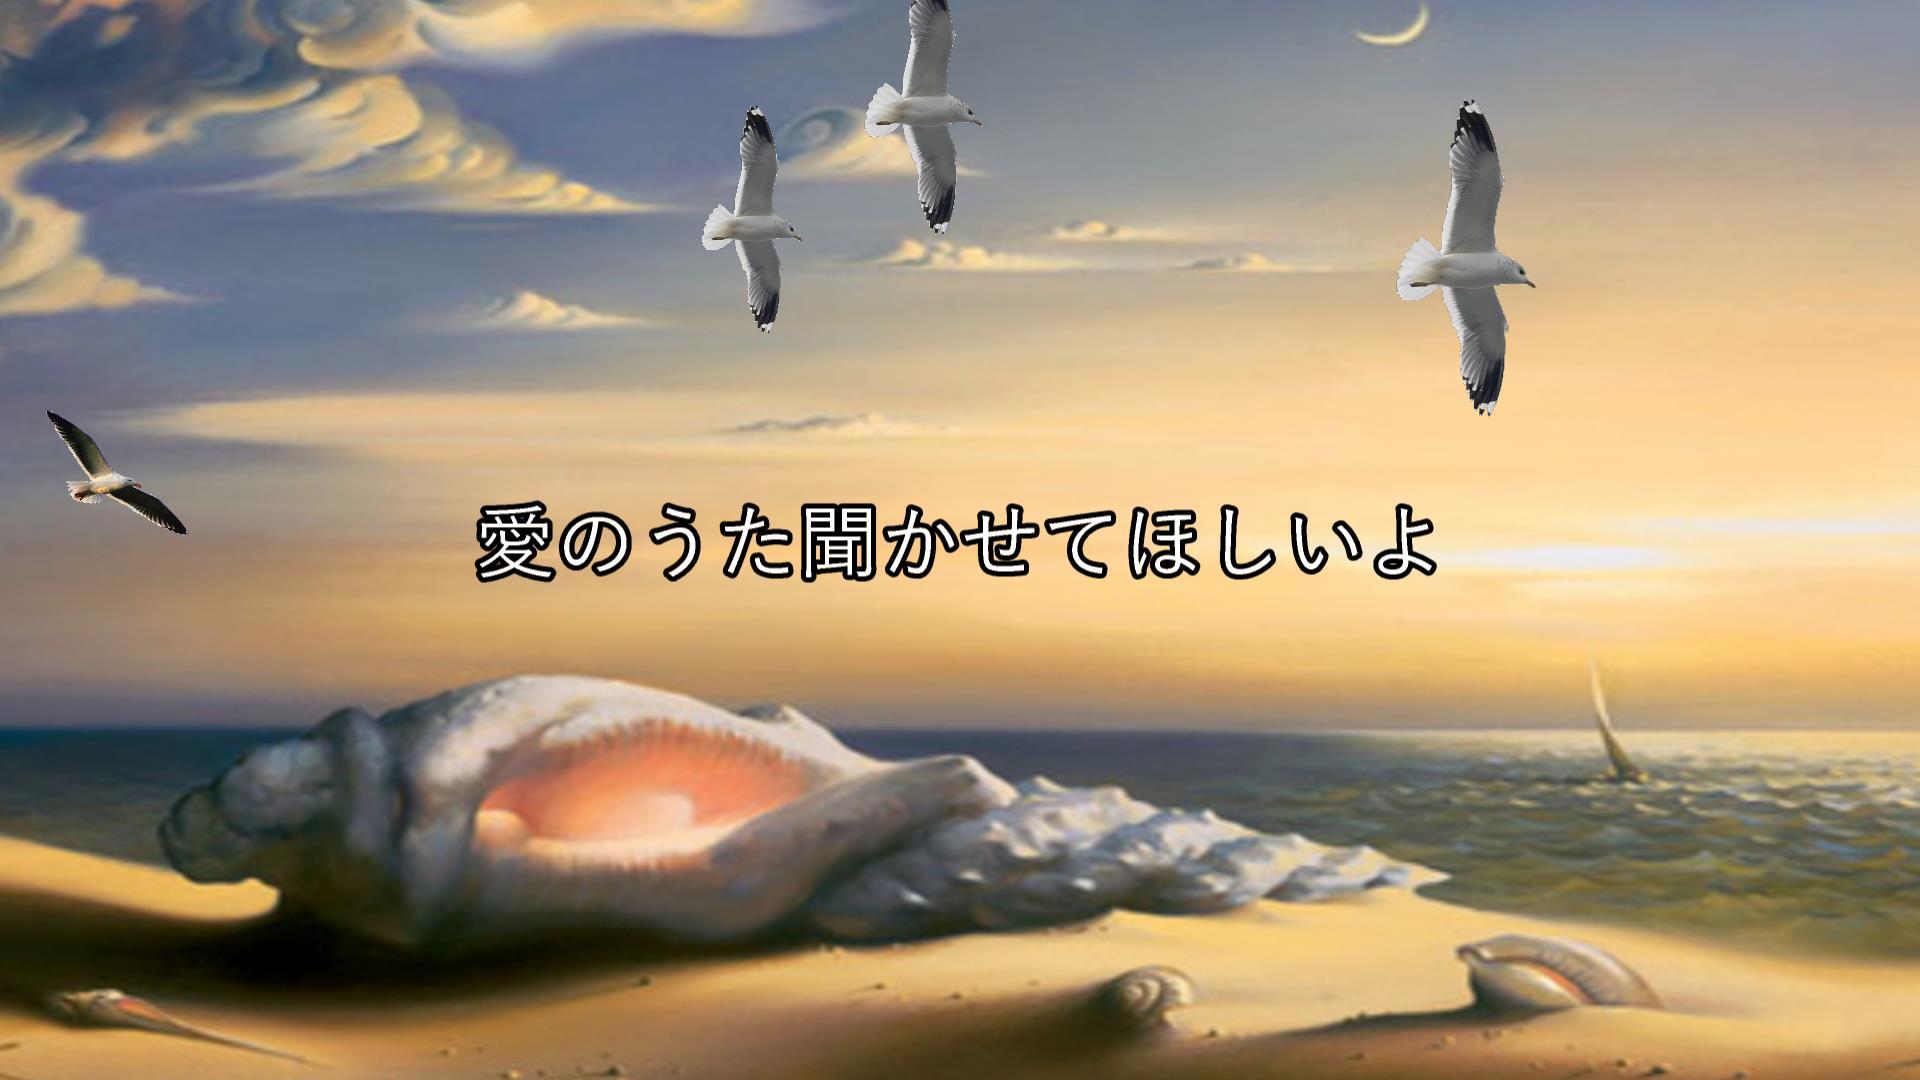 俊智×読む音楽 第3弾! チリタモレ Tiritamore